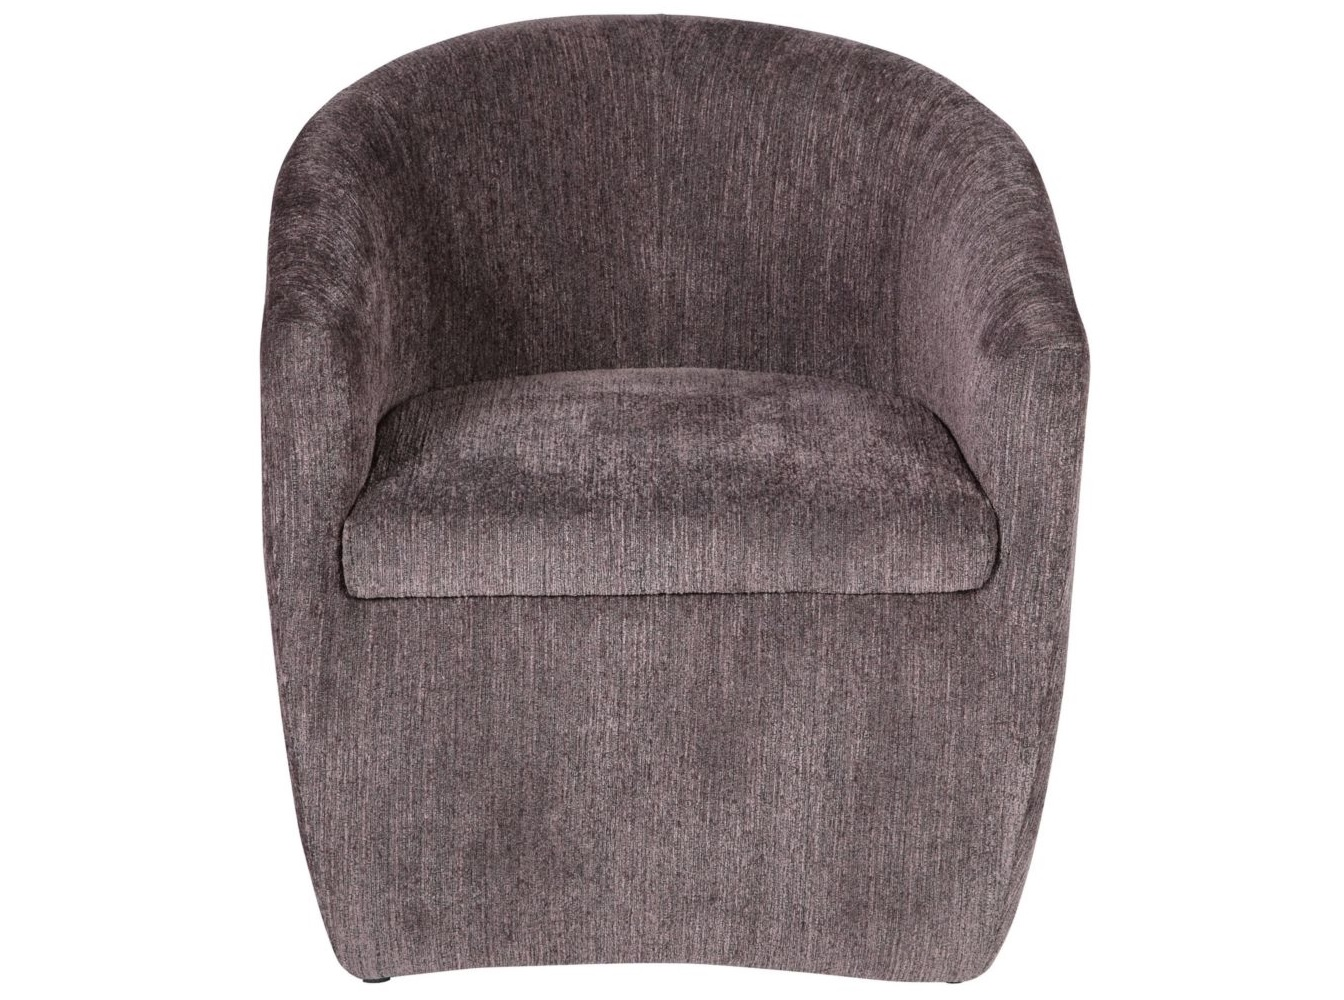 Кресло Jess ashИнтерьерные кресла<br><br><br>Material: Текстиль<br>Ширина см: 66<br>Высота см: 72<br>Глубина см: 66